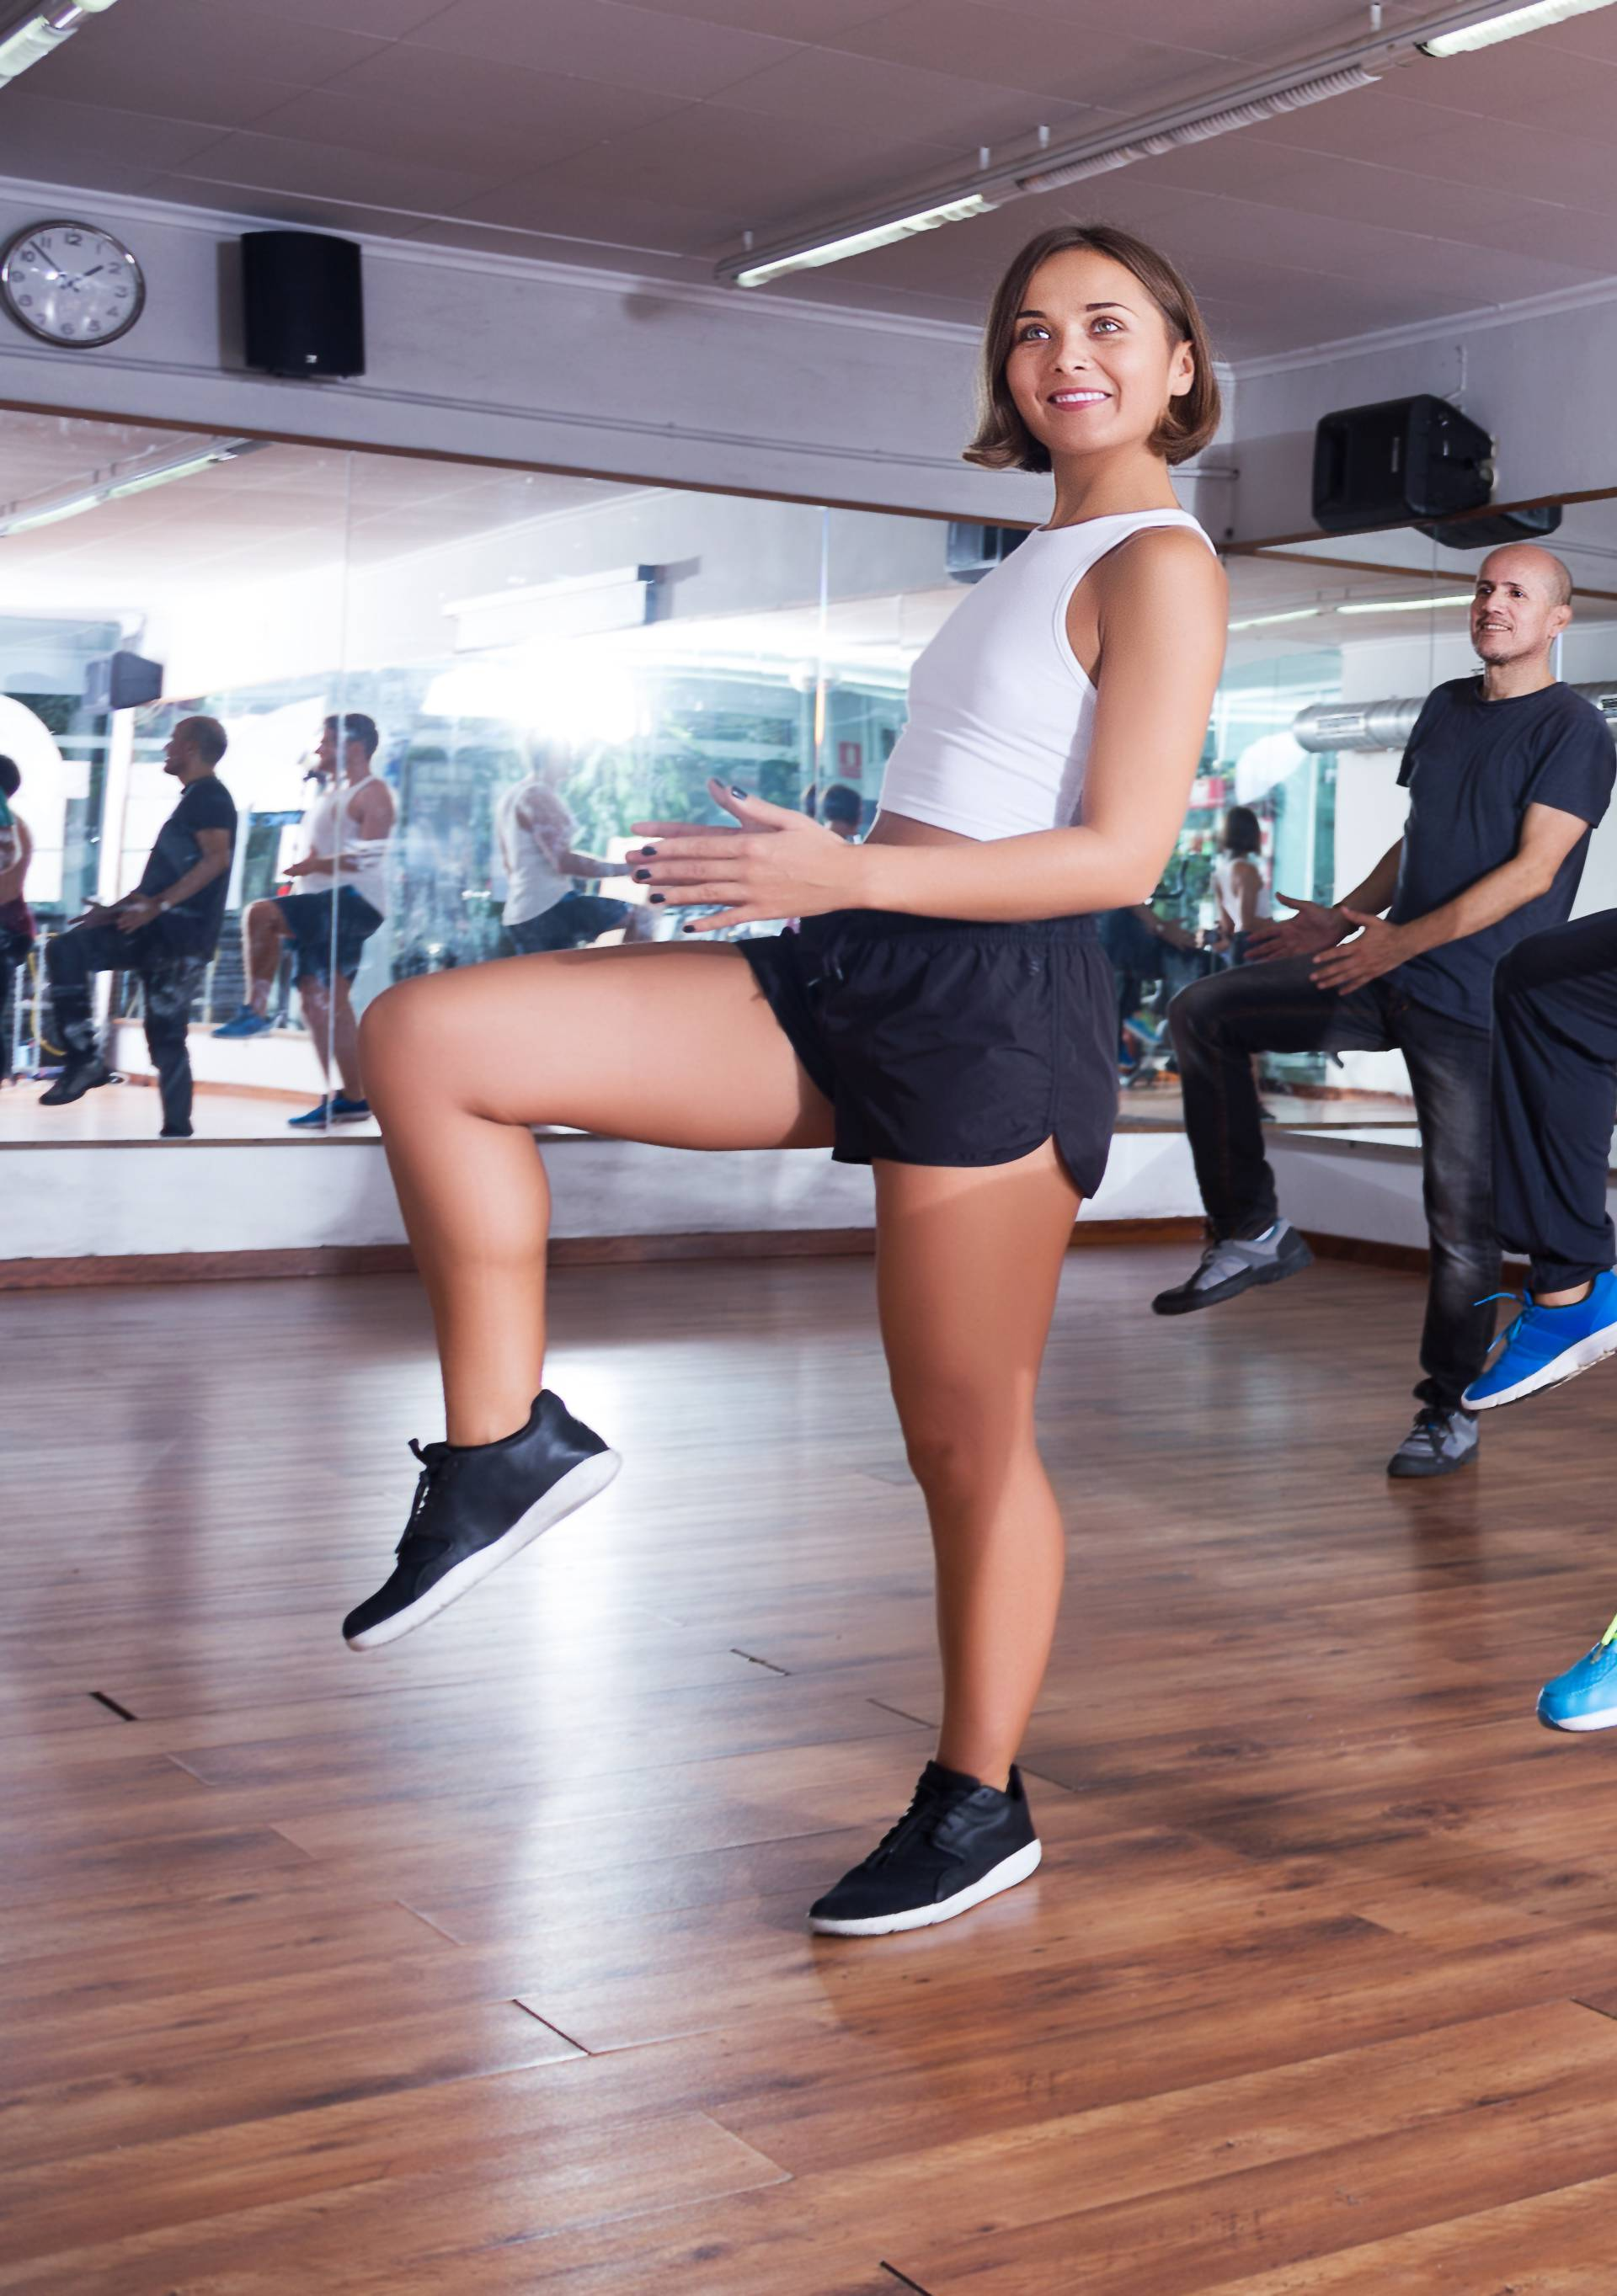 Besplatno vježbanje u Zagrebu, objavili raspored po četvrtima